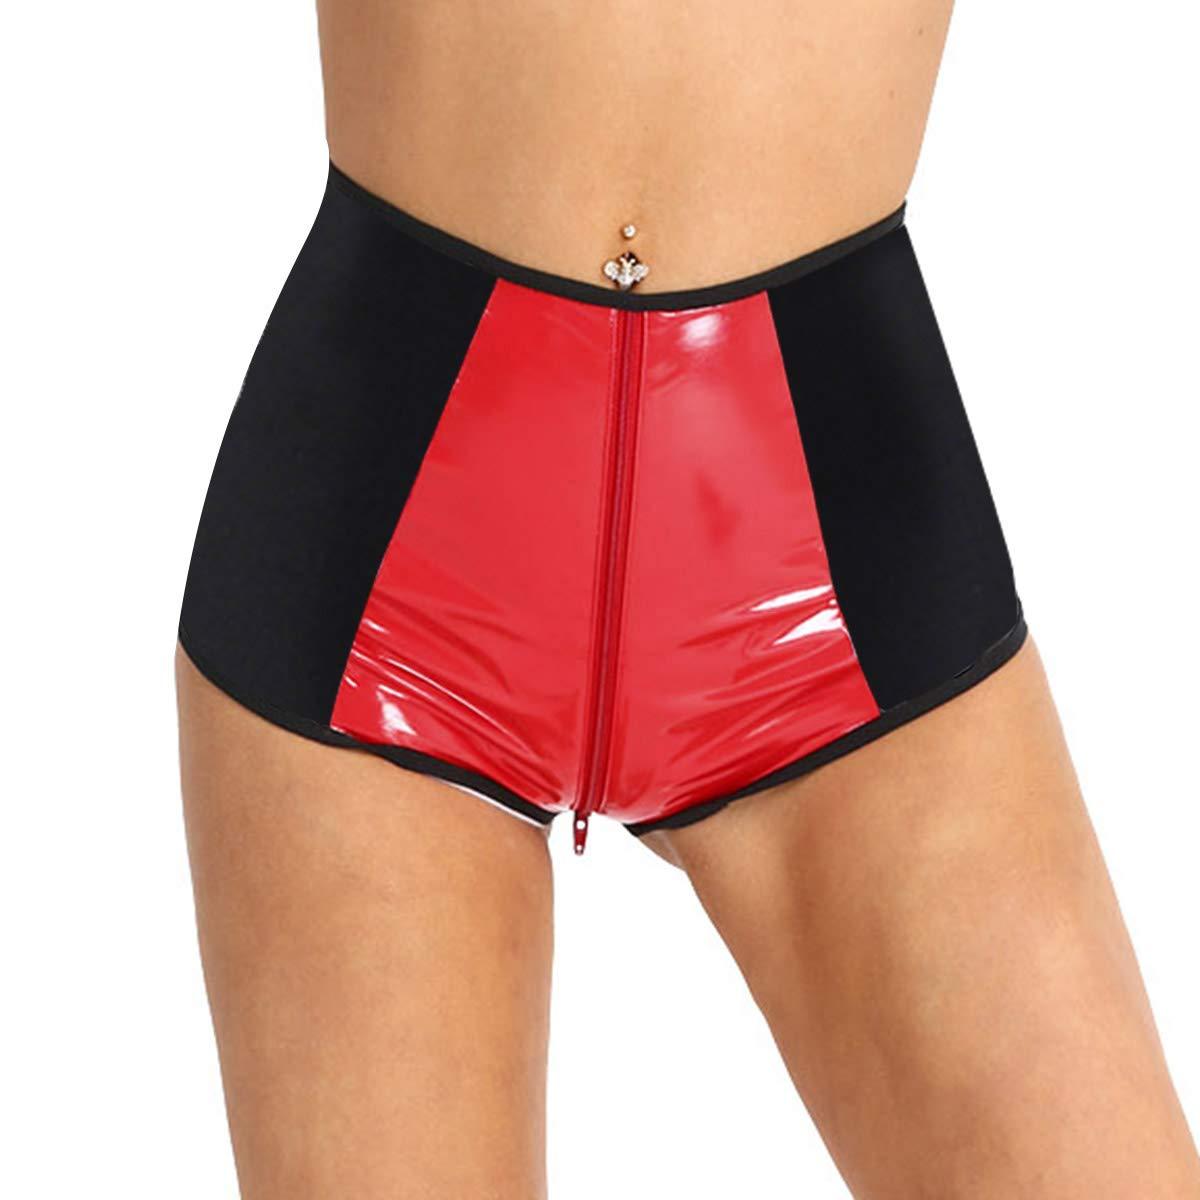 iiniim Women Wet Look Leather Hologram High Waisted Zipper Crotch Rave Booty Shorts Bottoms